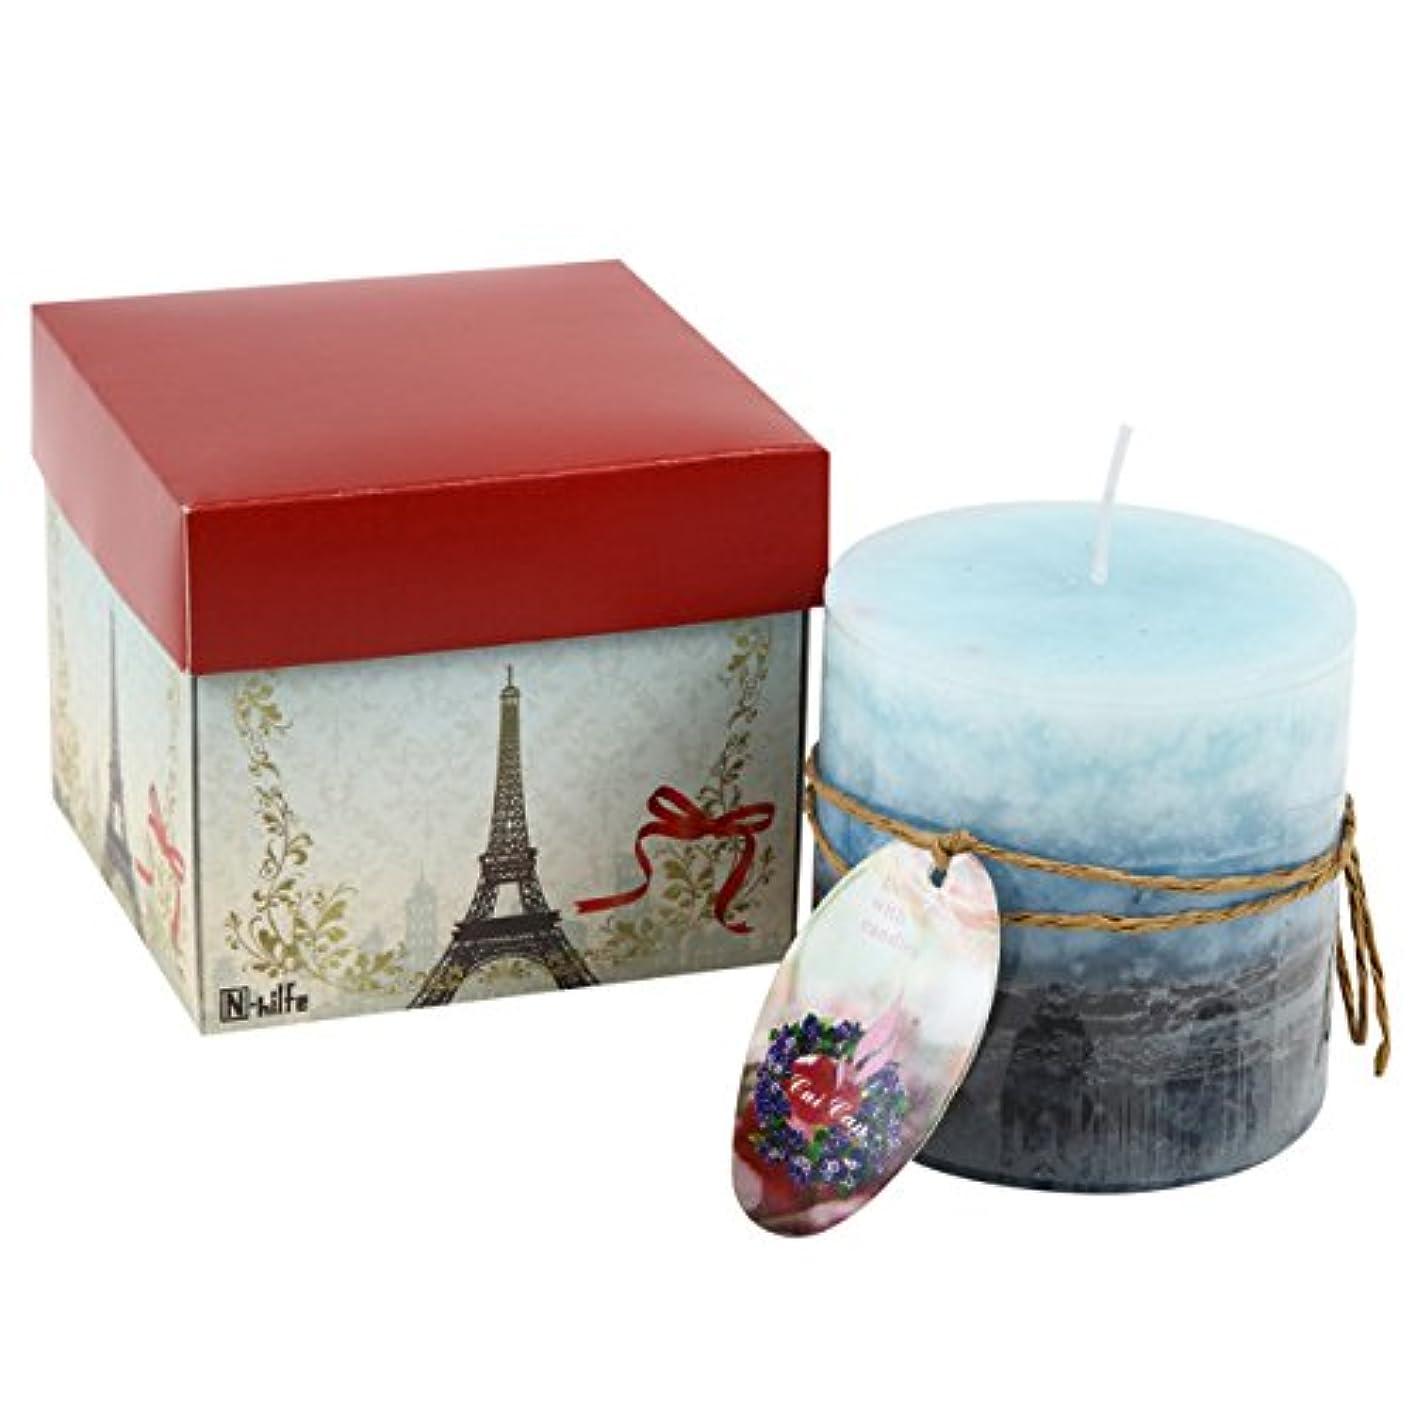 チーフドール脅迫N-hilfe キャンドル 7.5x7.5cm 蝋燭 アロマキャンドル (ビーチ,青)